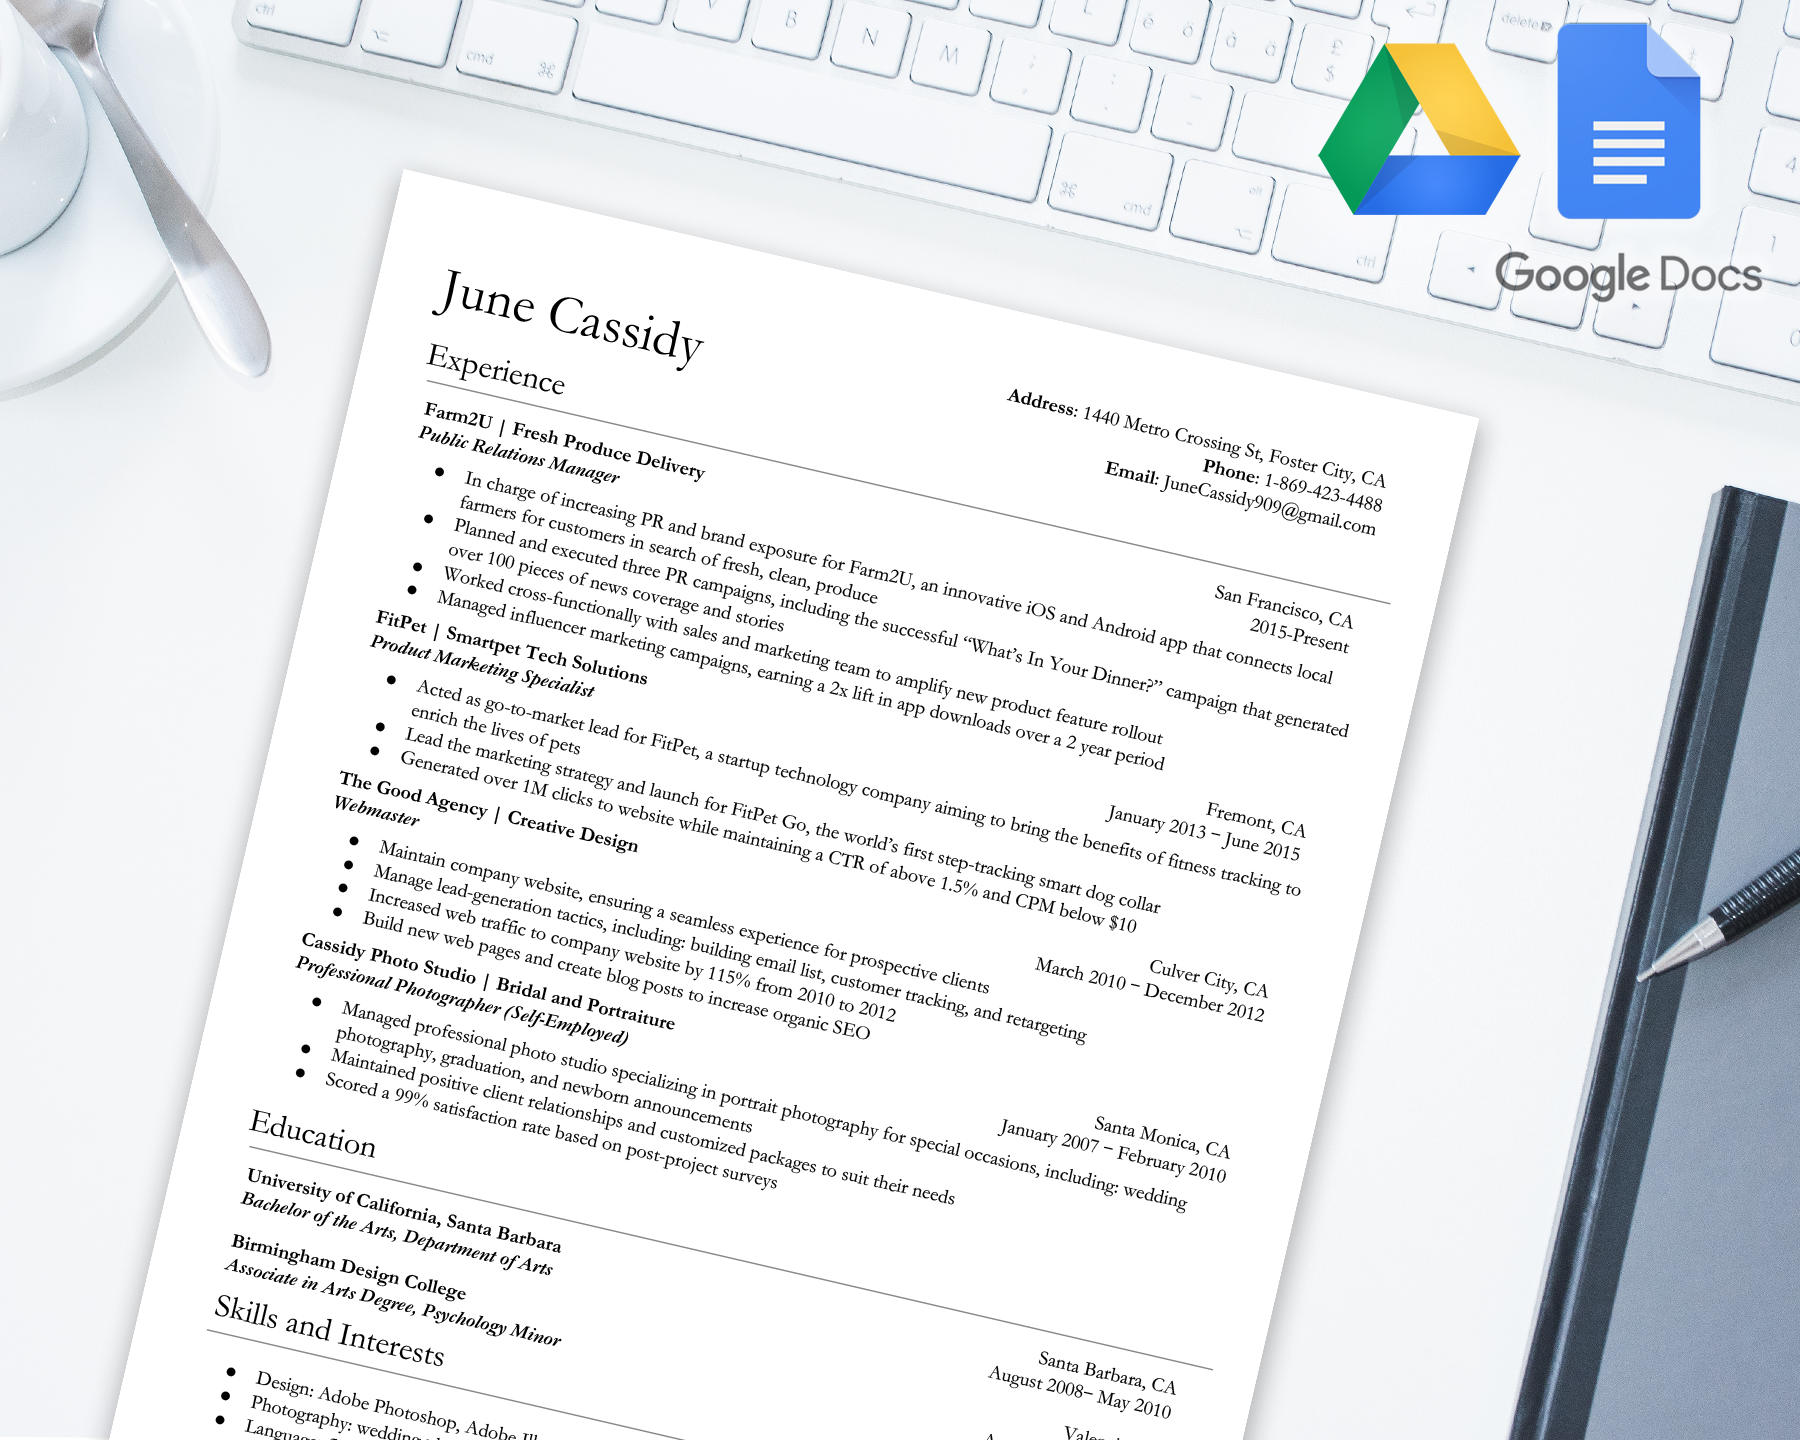 Niedlich Google Docs Lebenslauf Anschreiben Ideen - Entry Level ...